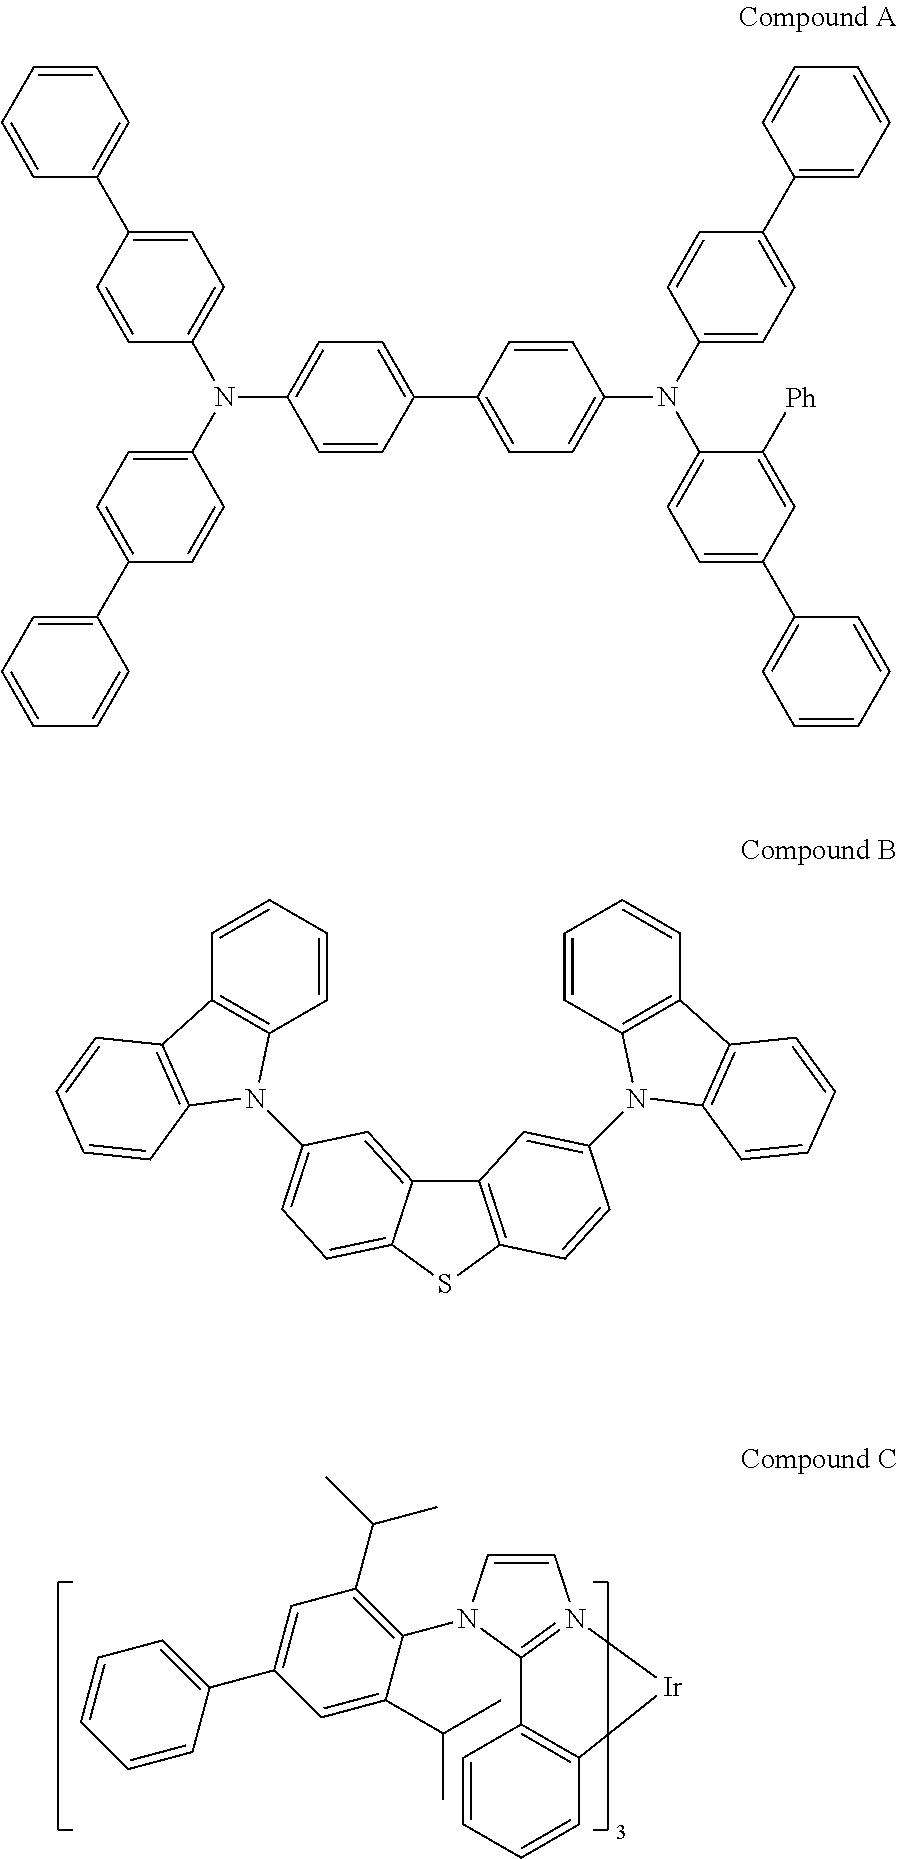 Figure US09978956-20180522-C00129